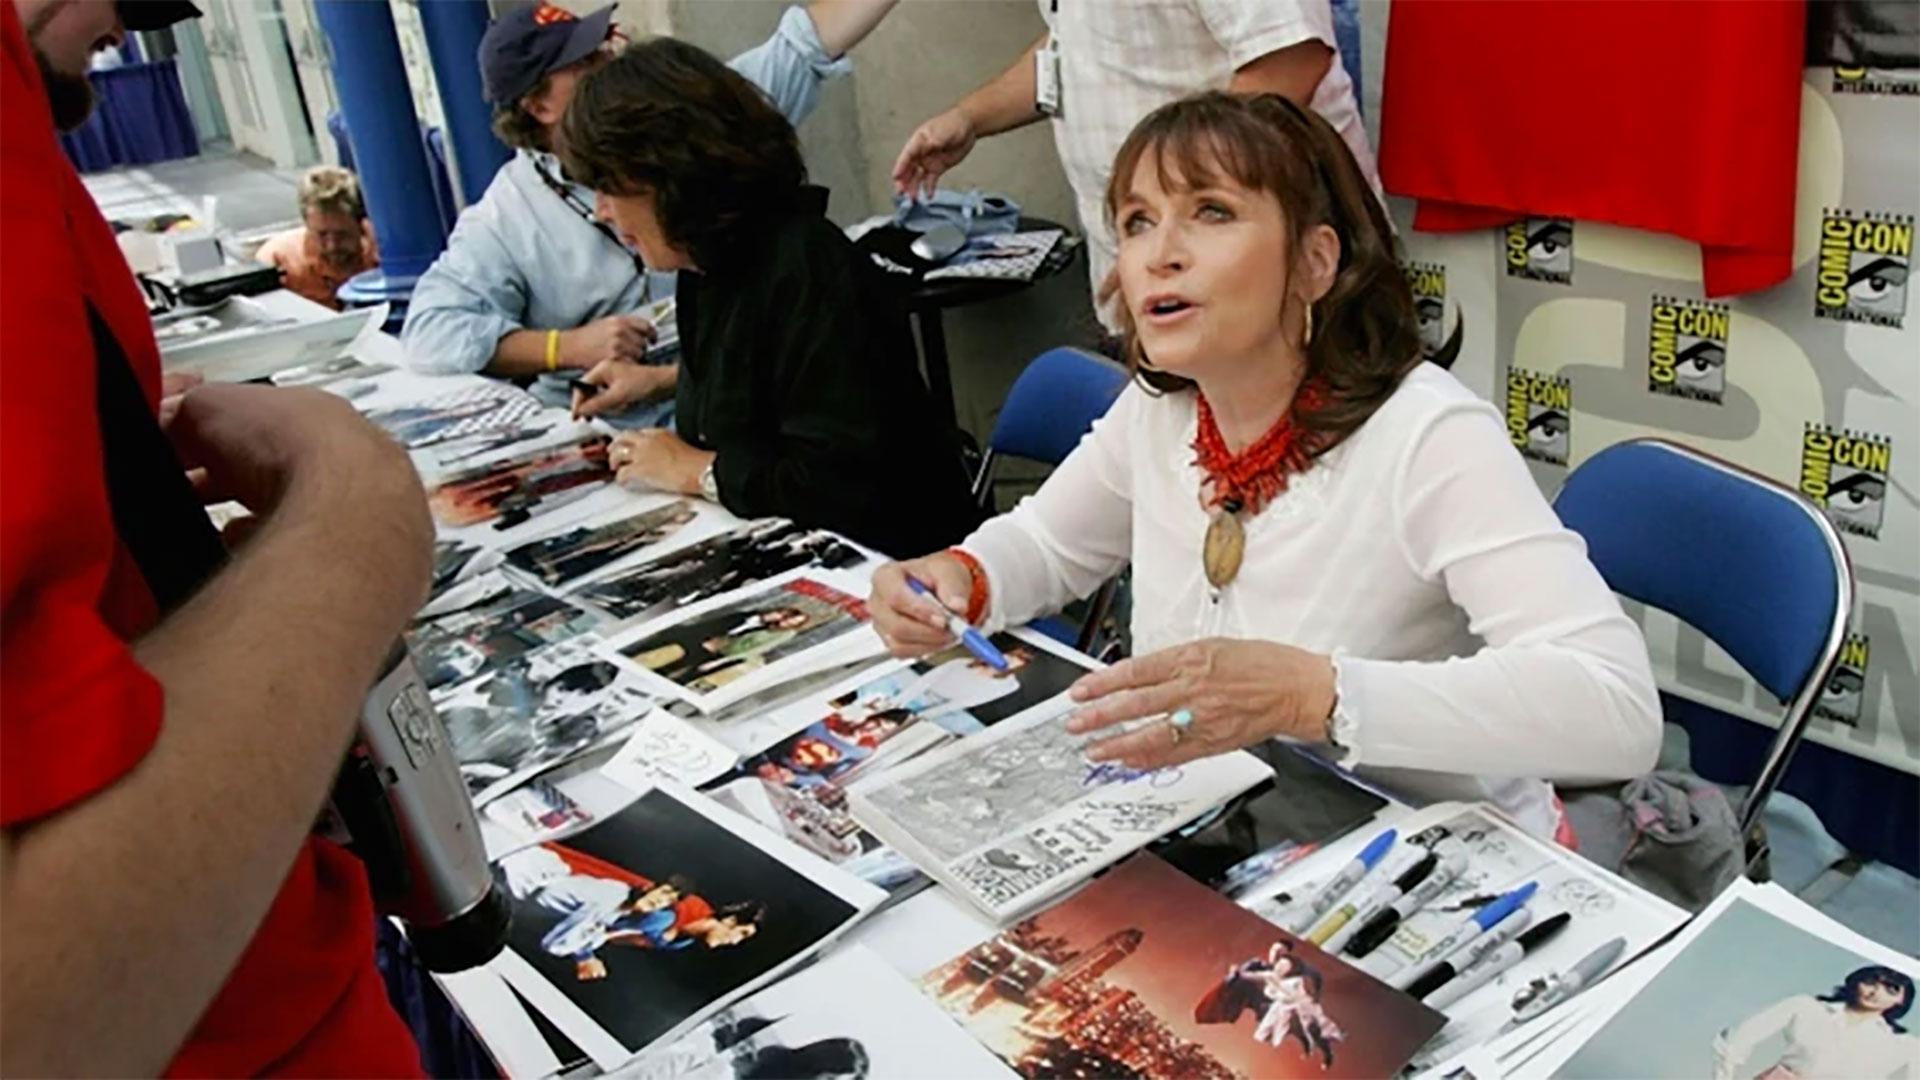 La actriz canadiense que personificó a Luisa Lane en Superman falleció en su casa después de batallar contra un desorden bipolar. Luego confirmaron que fue un suicidio. Tenía 69 años. (Foto: AFP)